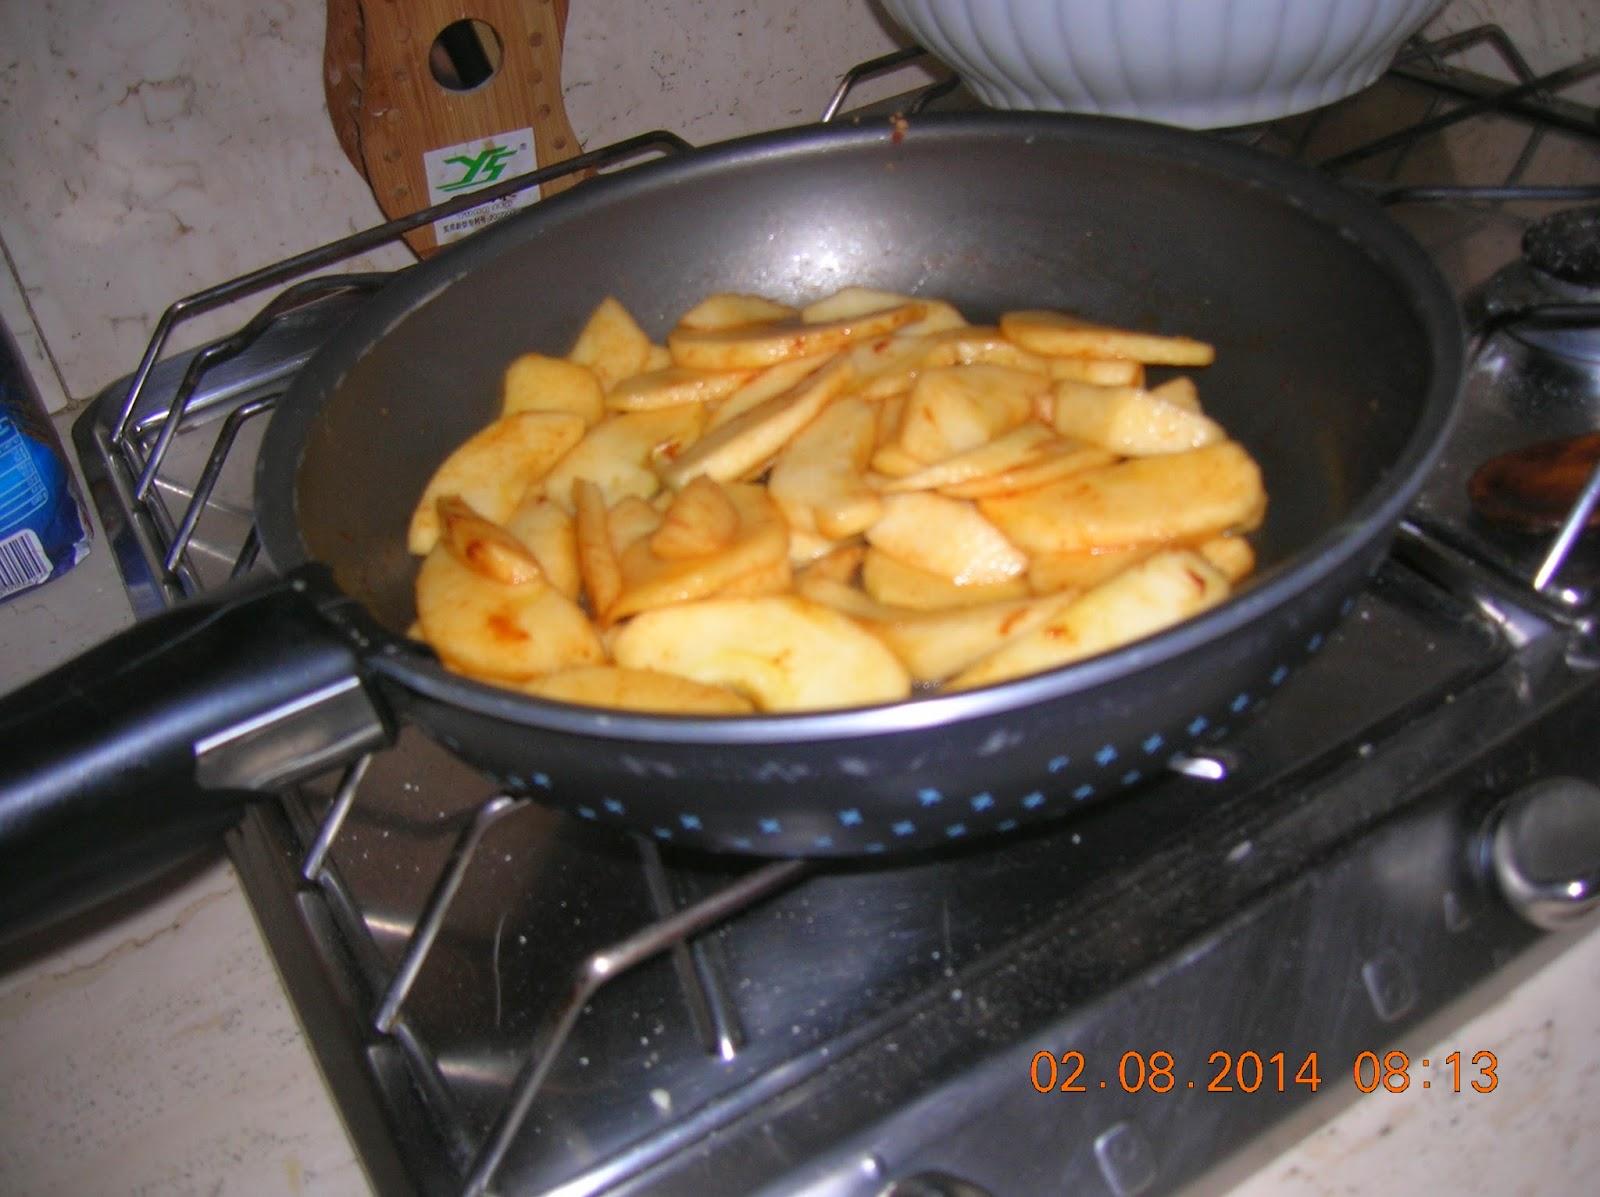 roselline di mele con pasta sfoglia  tradizionale fatta in casa  e con pasta sfoglia veloce fatta in casa..